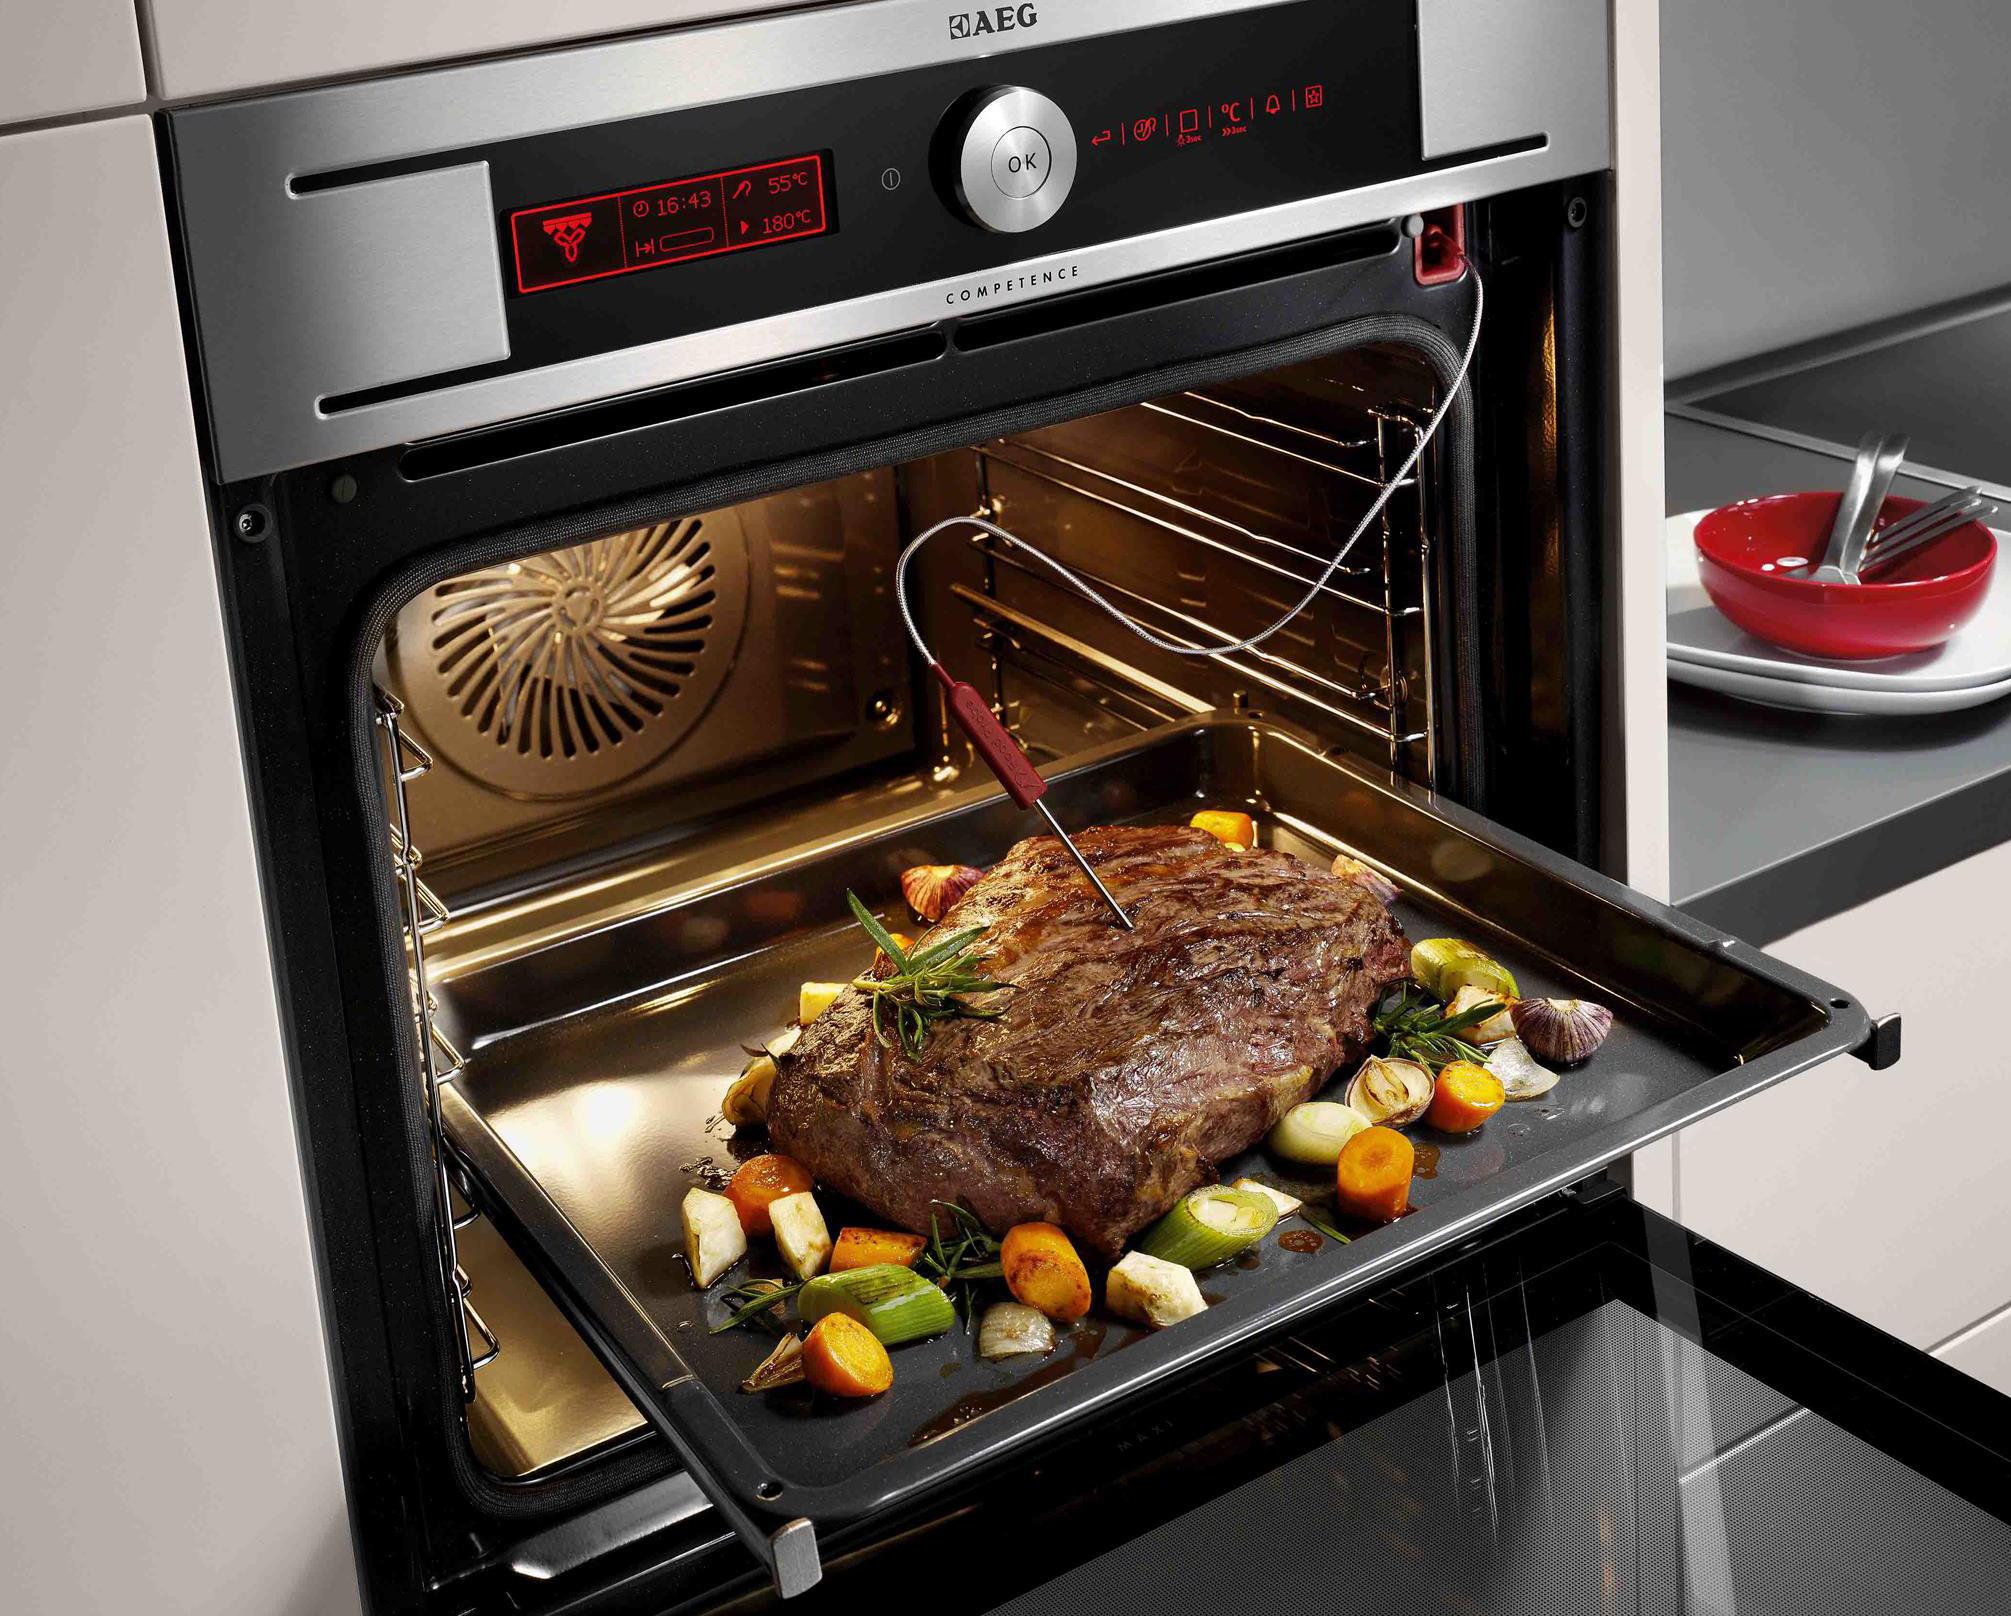 Противень для духовки с мясом